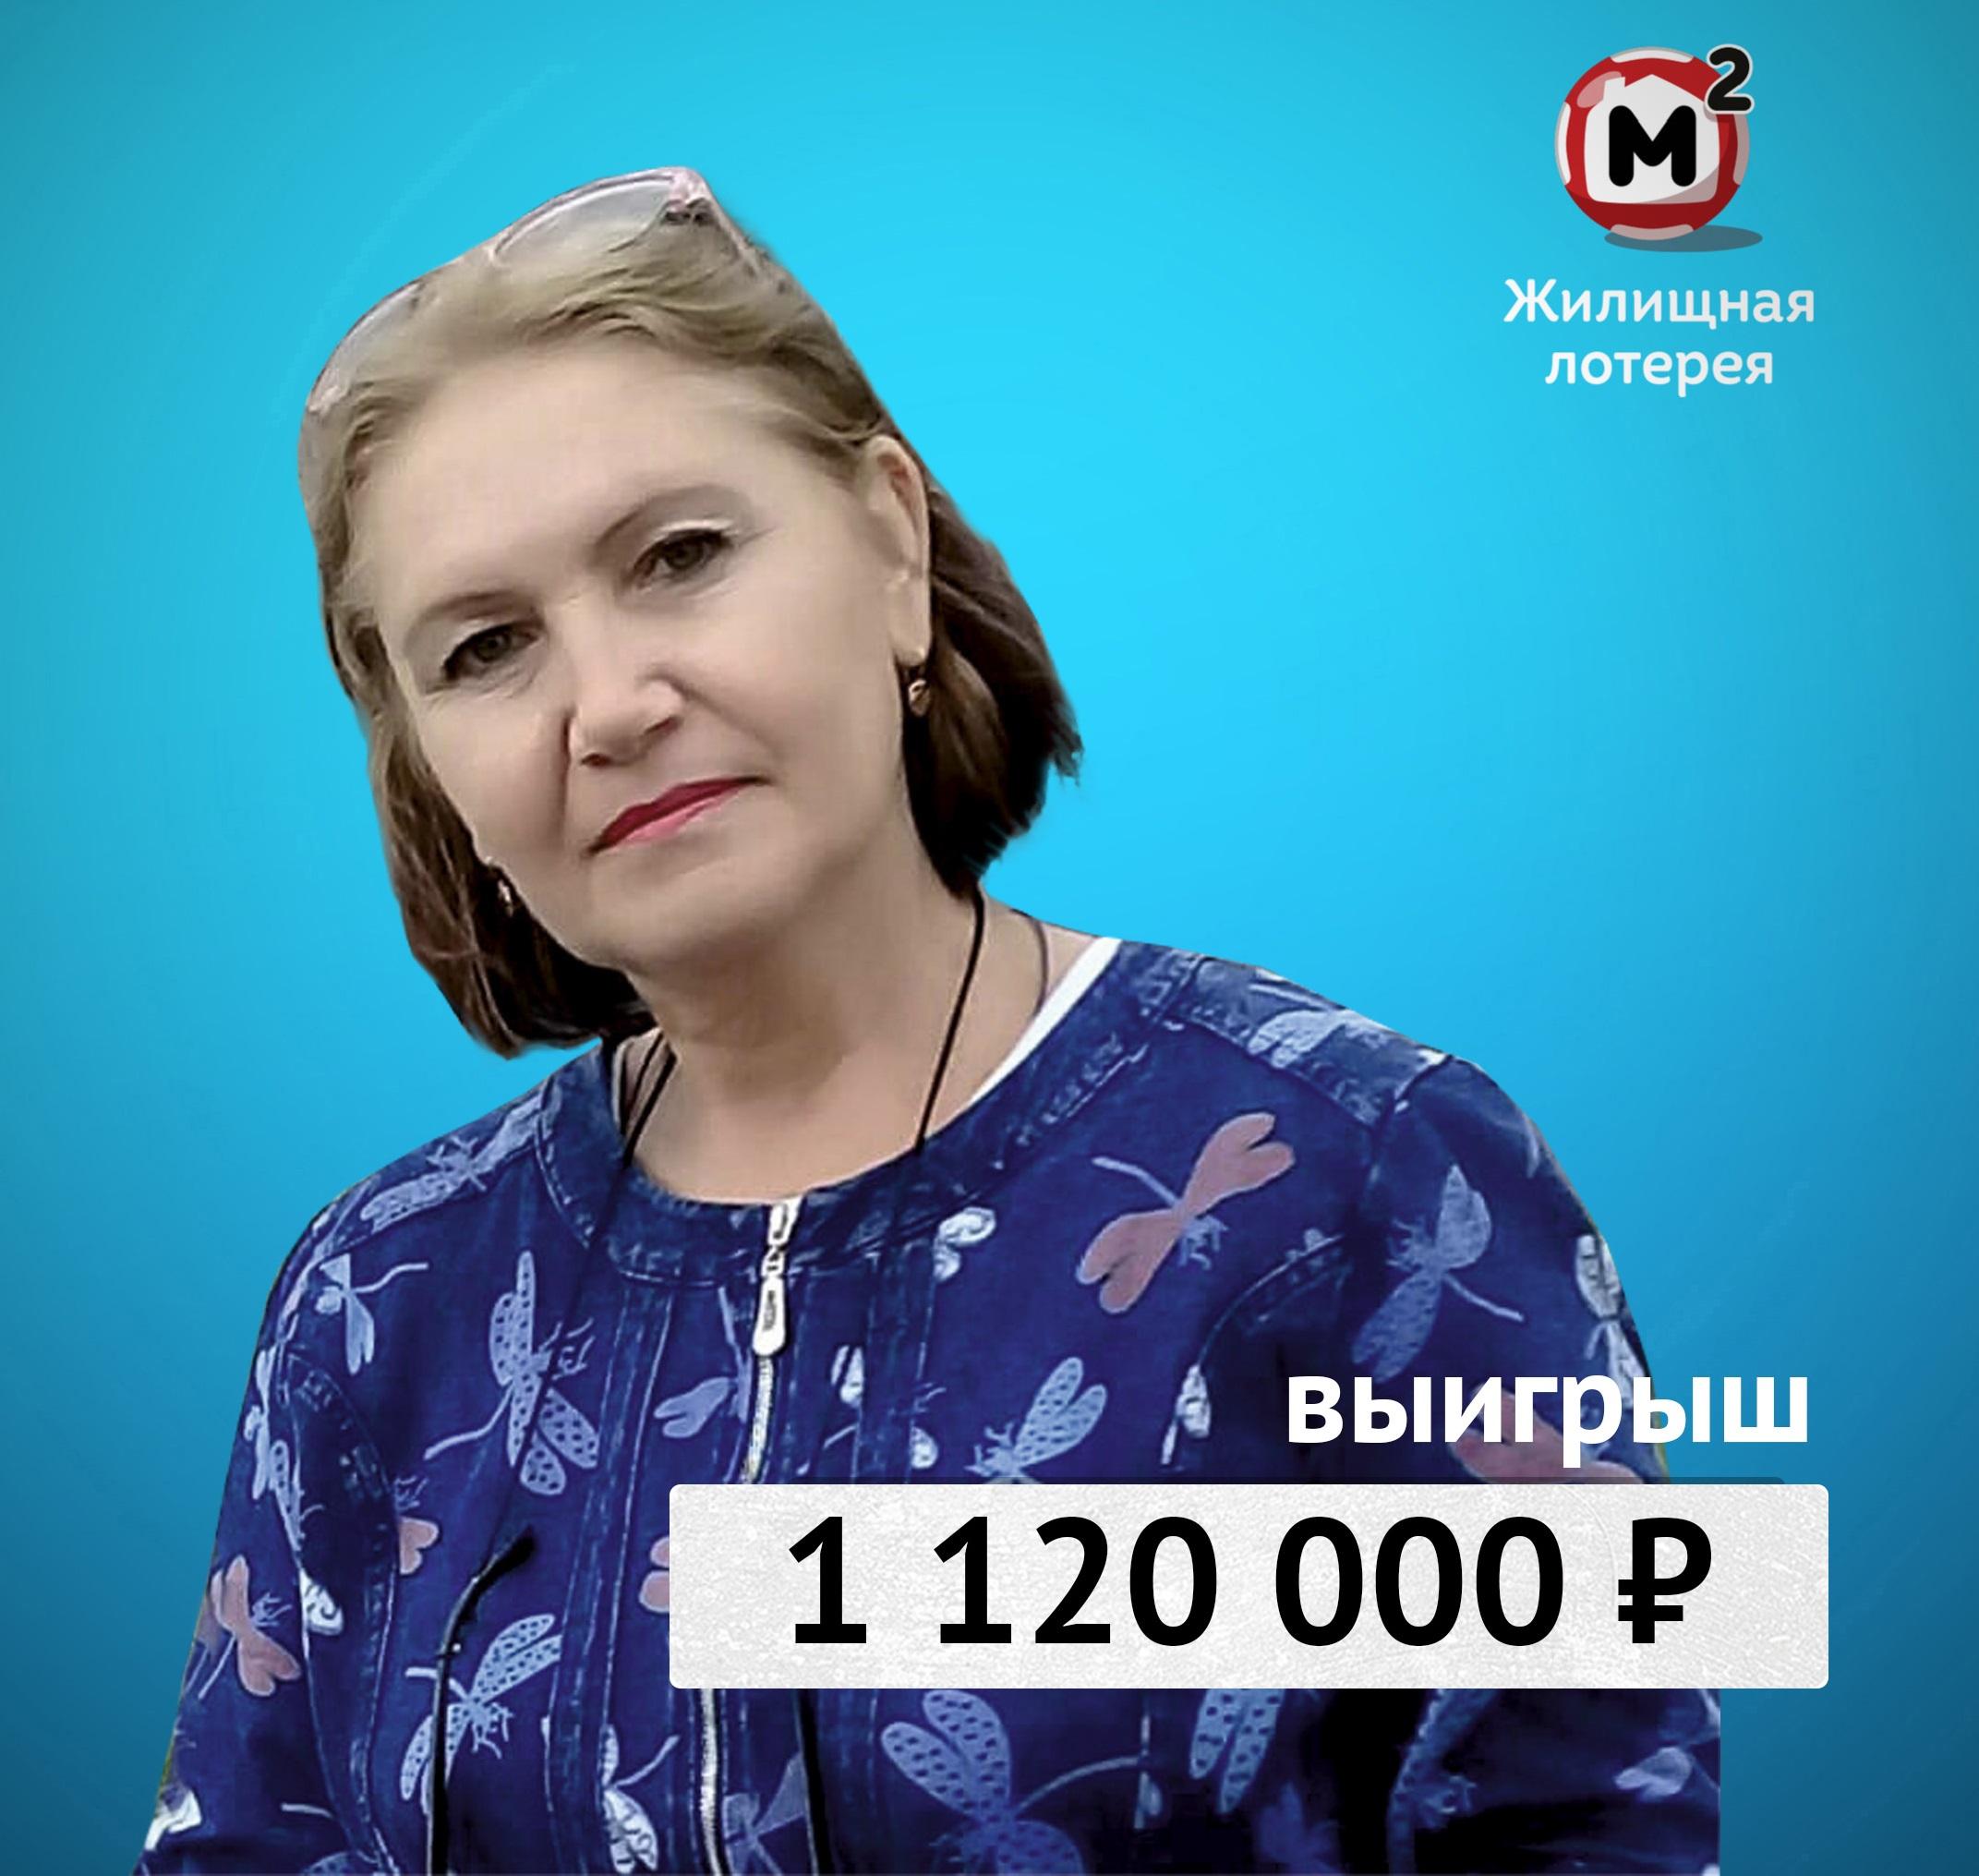 Гардеробщица из Омска рассказала, как стала миллионершей #Омск #Общество #Сегодня